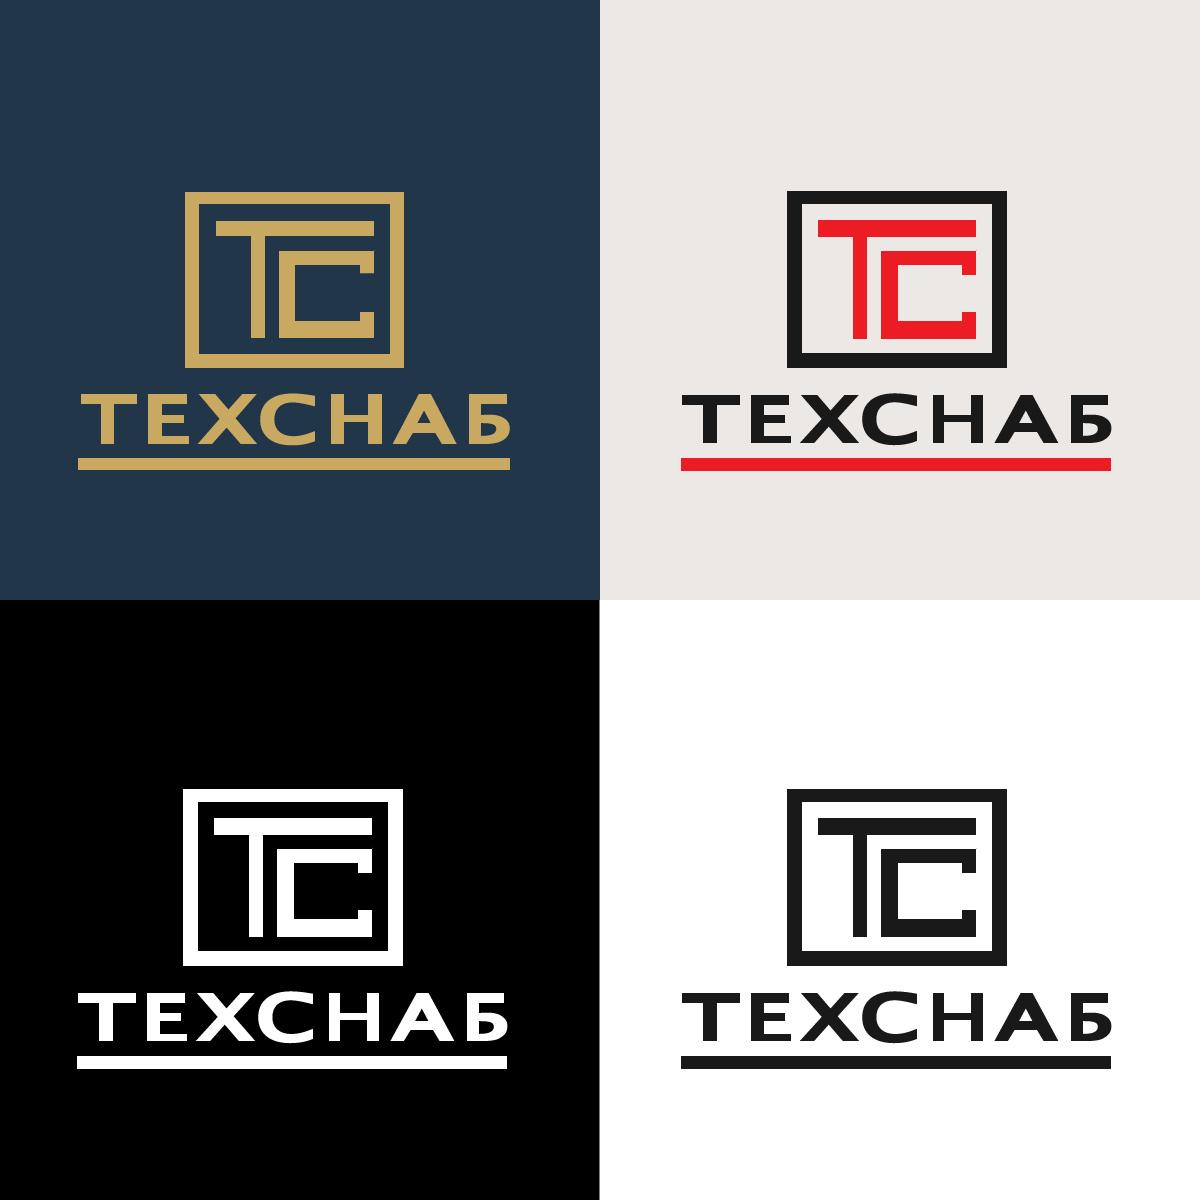 Разработка логотипа и фирм. стиля компании  ТЕХСНАБ фото f_7275b1cf1d4cf4ac.jpg